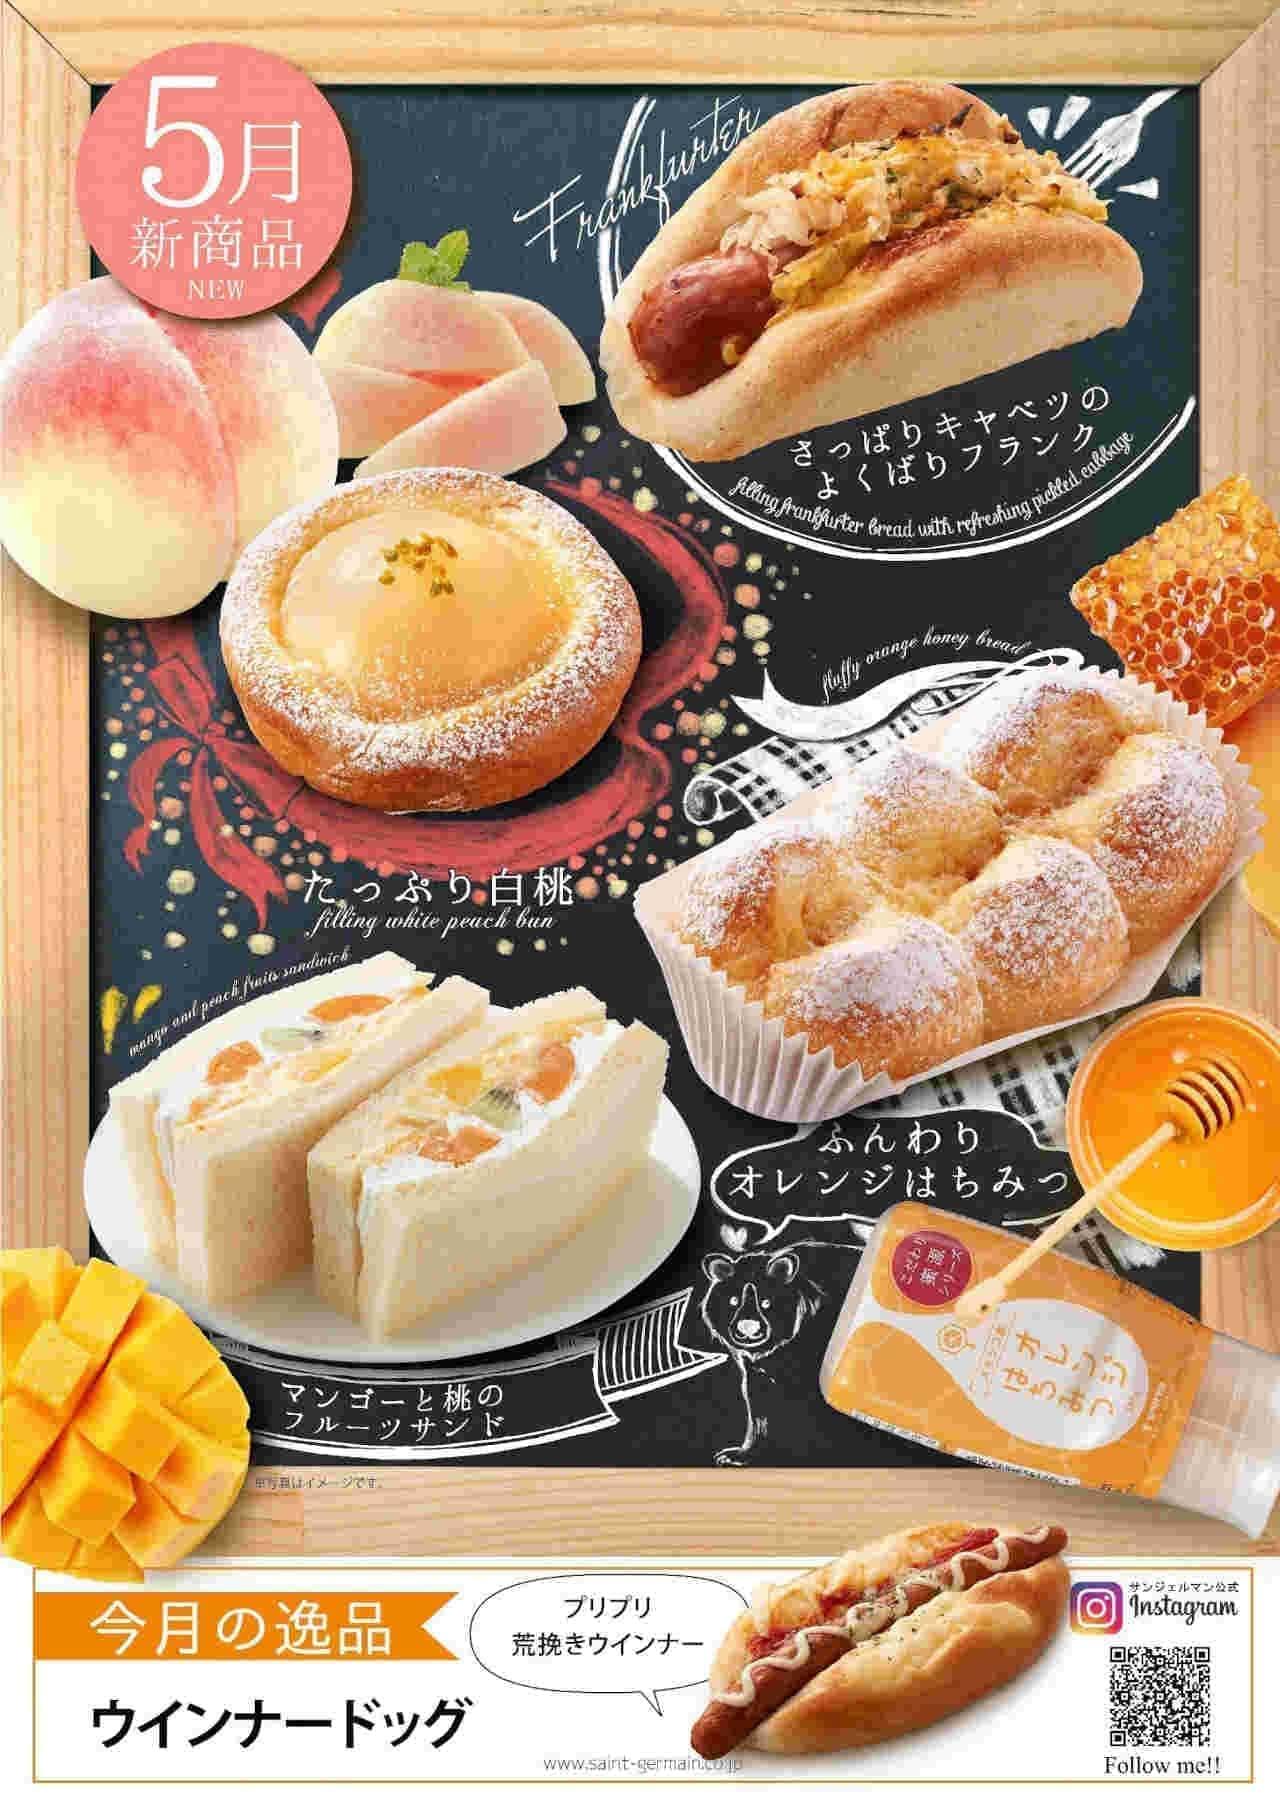 サンジェルマンから「たっぷり白桃」「ふんわりオレンジはちみつ」など5月の新作パン